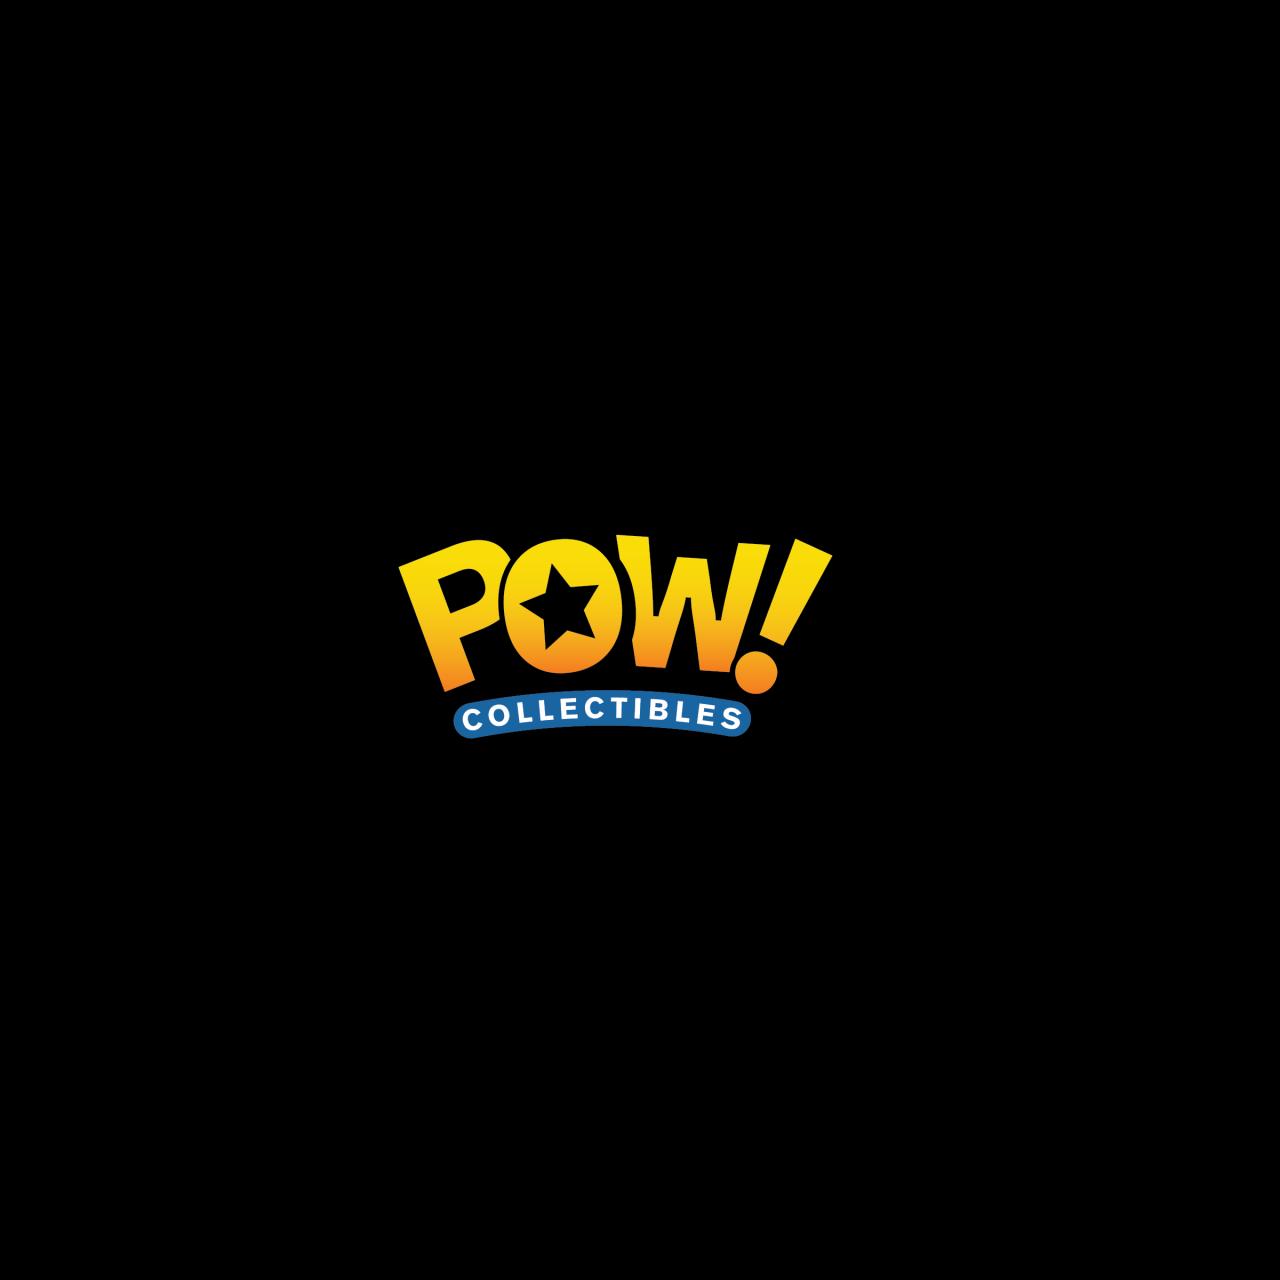 Image of Pow Collectibles logo